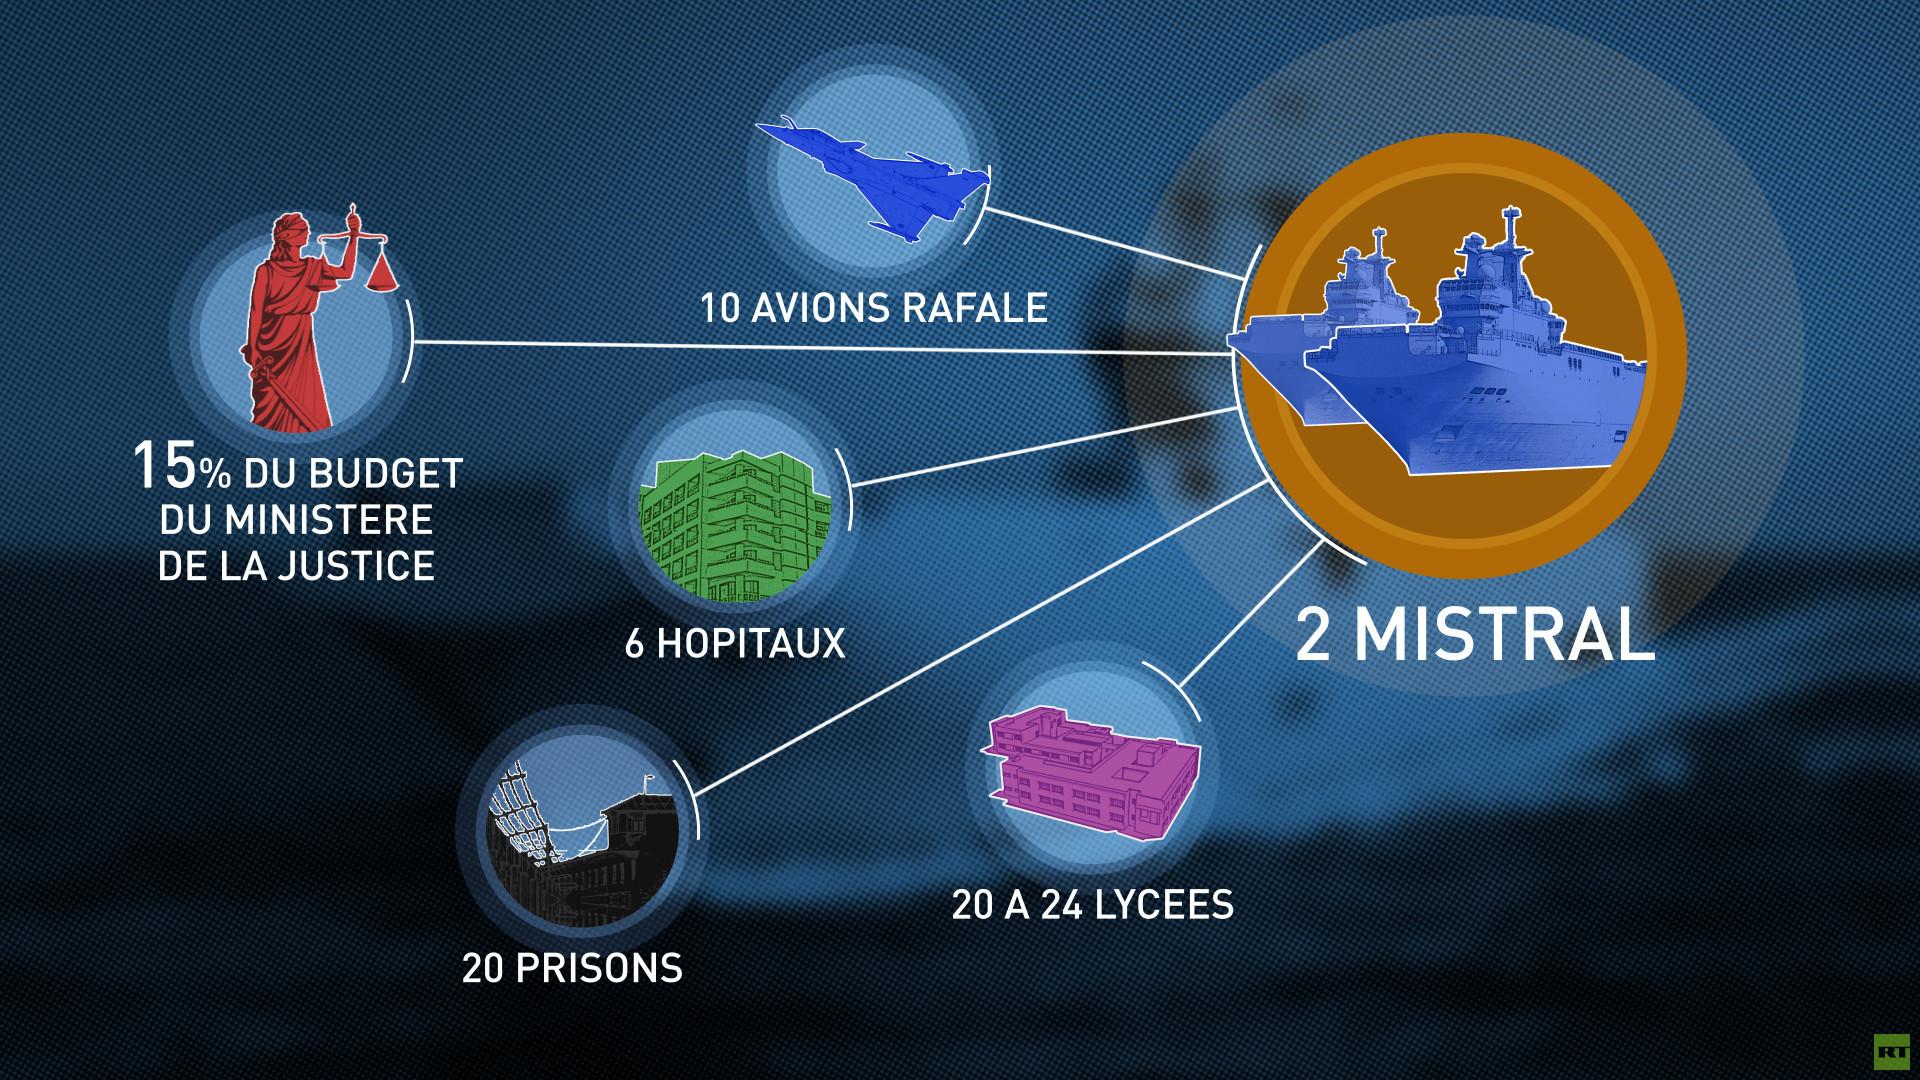 Mistral perdant : 6 hôpitaux, 20 prisons, 40 lycées, etc... à quoi correspond le contrat rompu ?